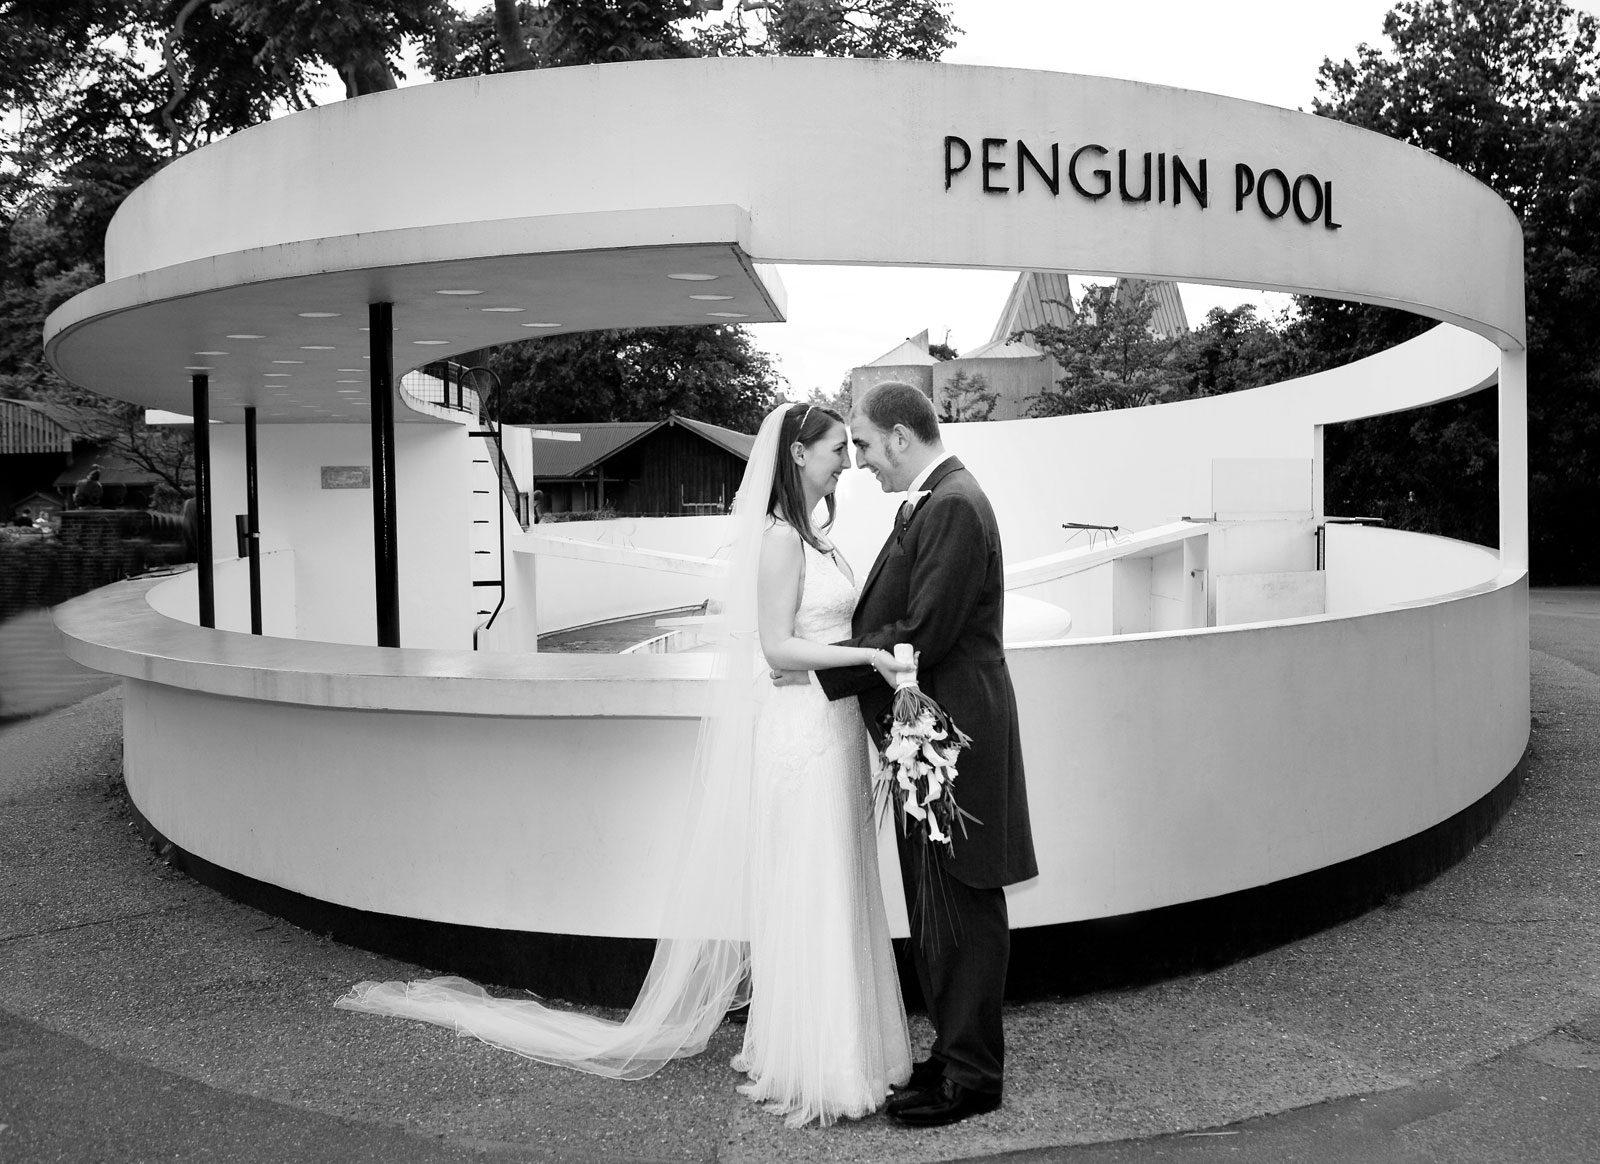 Penguin pool zoo weddings London